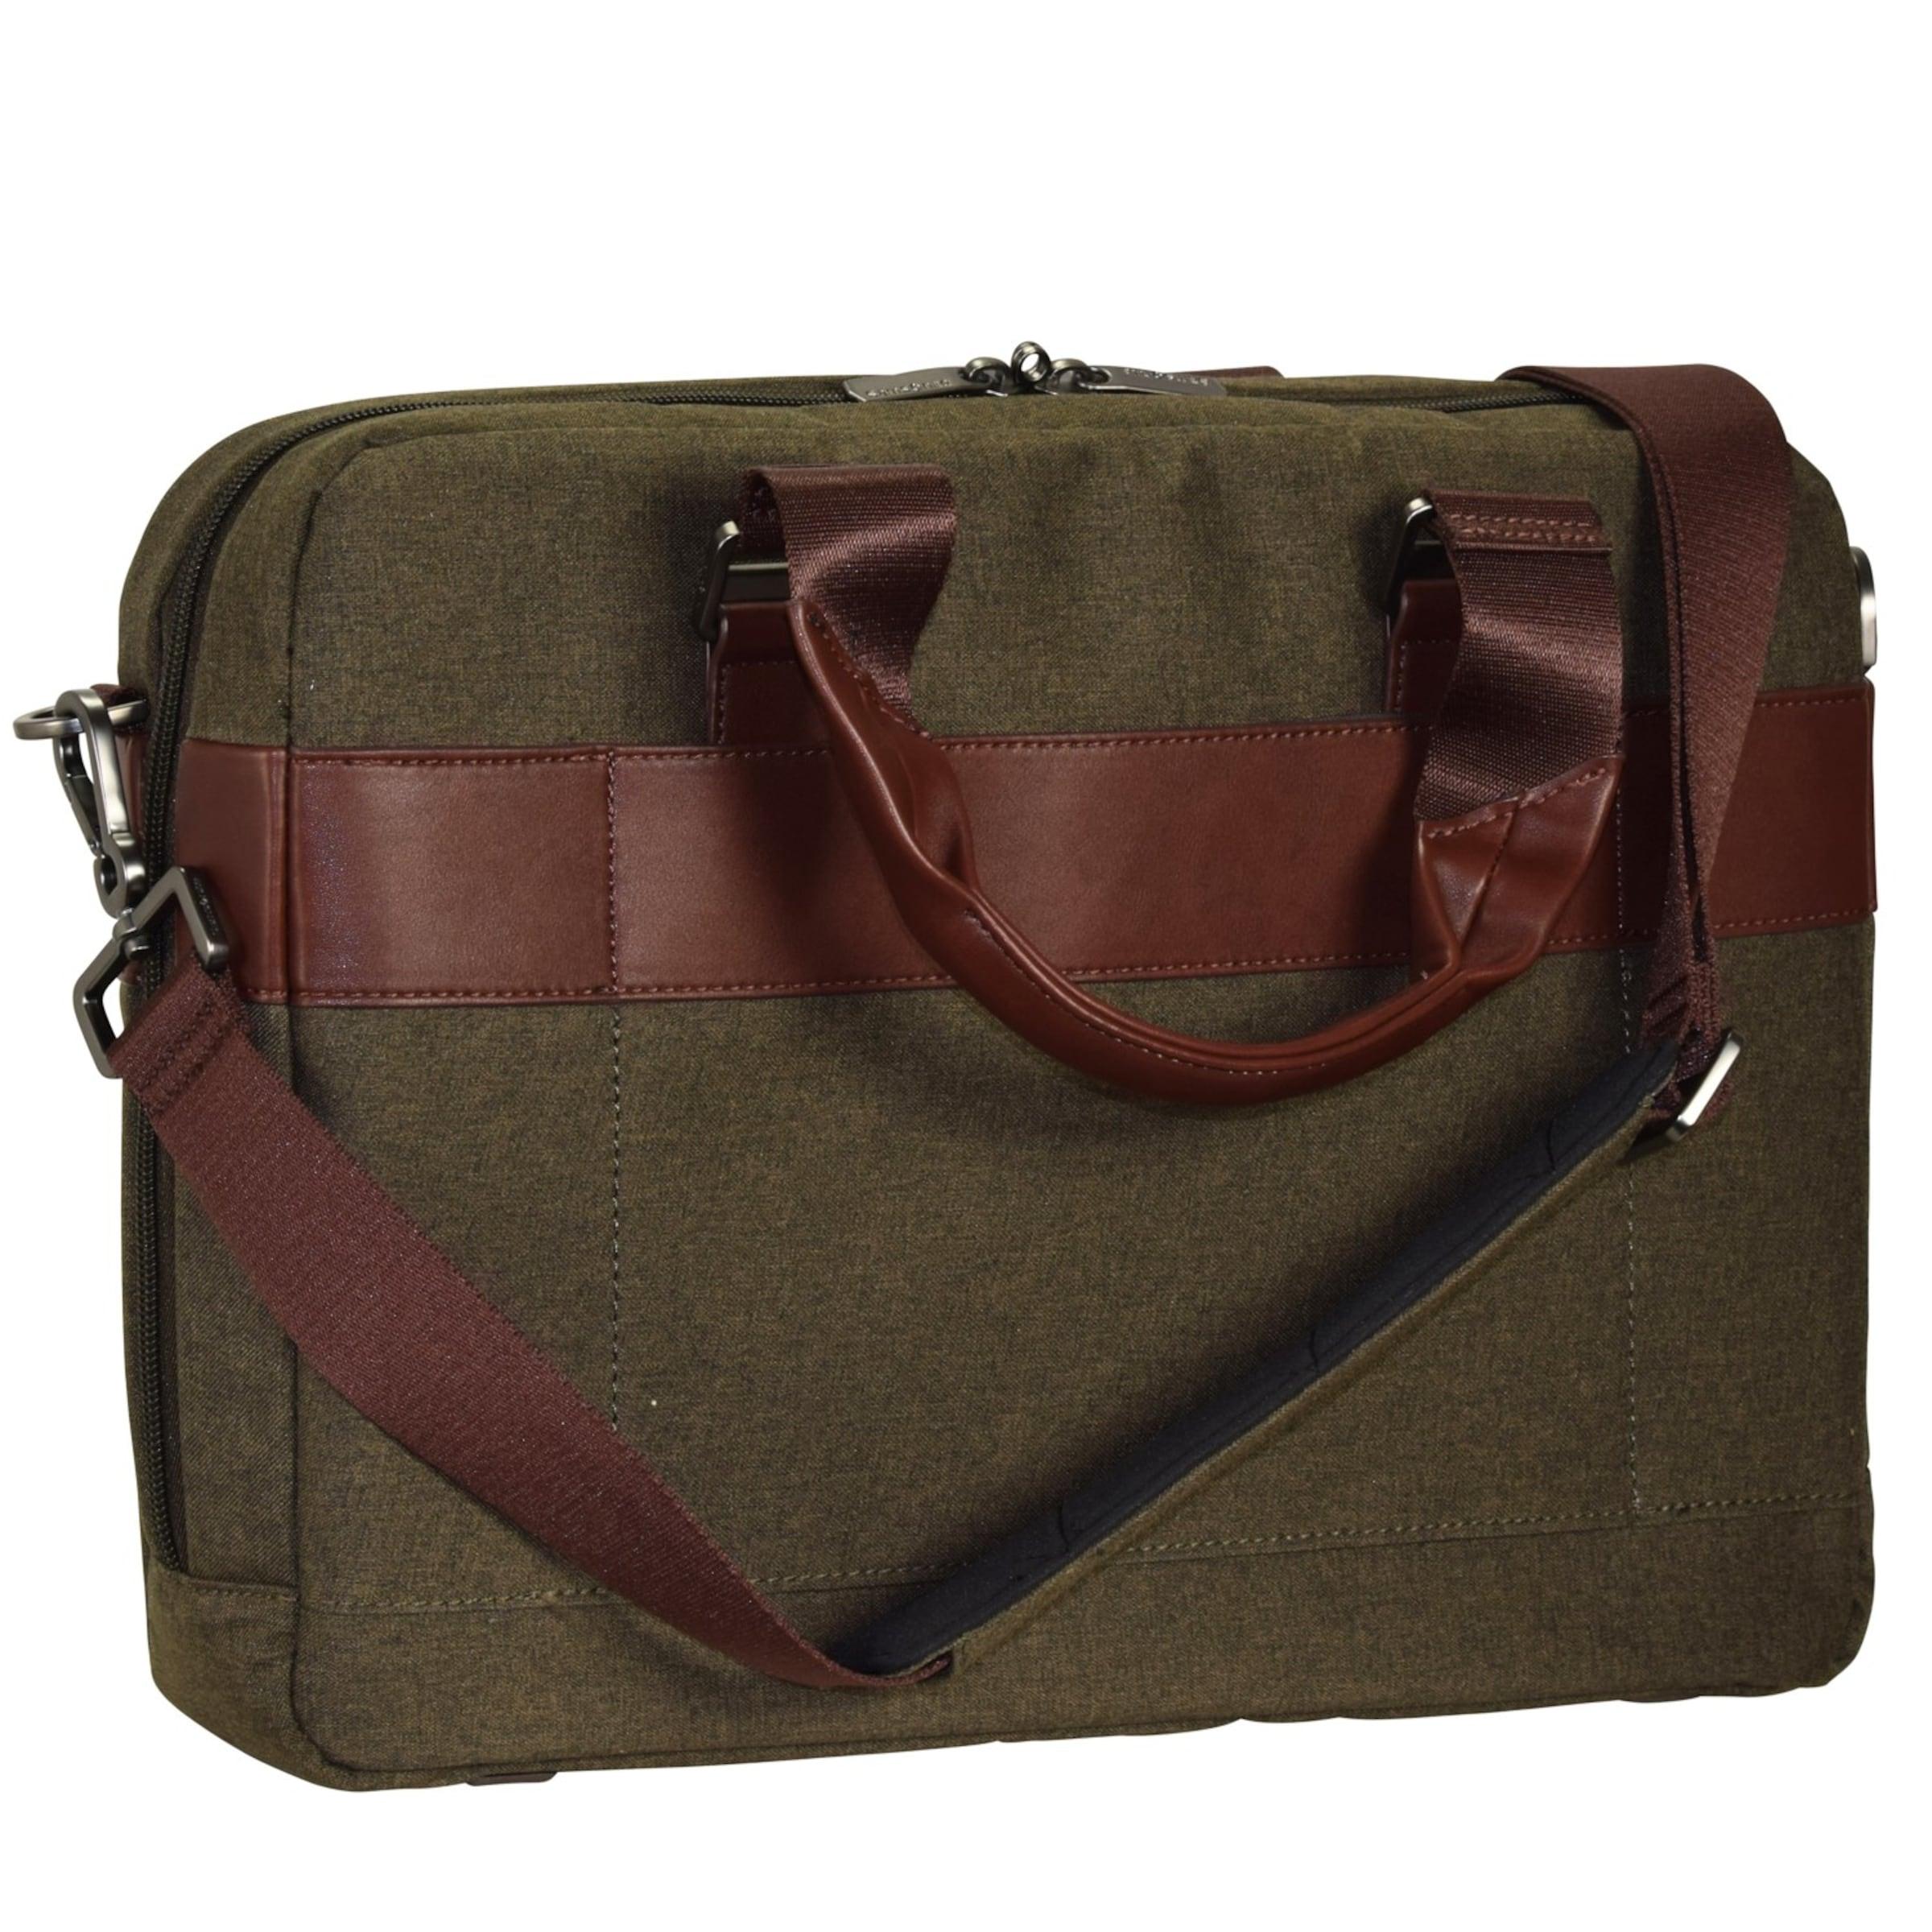 Kosten Rabatt Ausgezeichnet SAMSONITE Upstream Business Aktentasche 39 cm Laptopfach Komfortabel Zu Verkaufen Günstig Kaufen Offizielle Seite Ppvrp7AXze